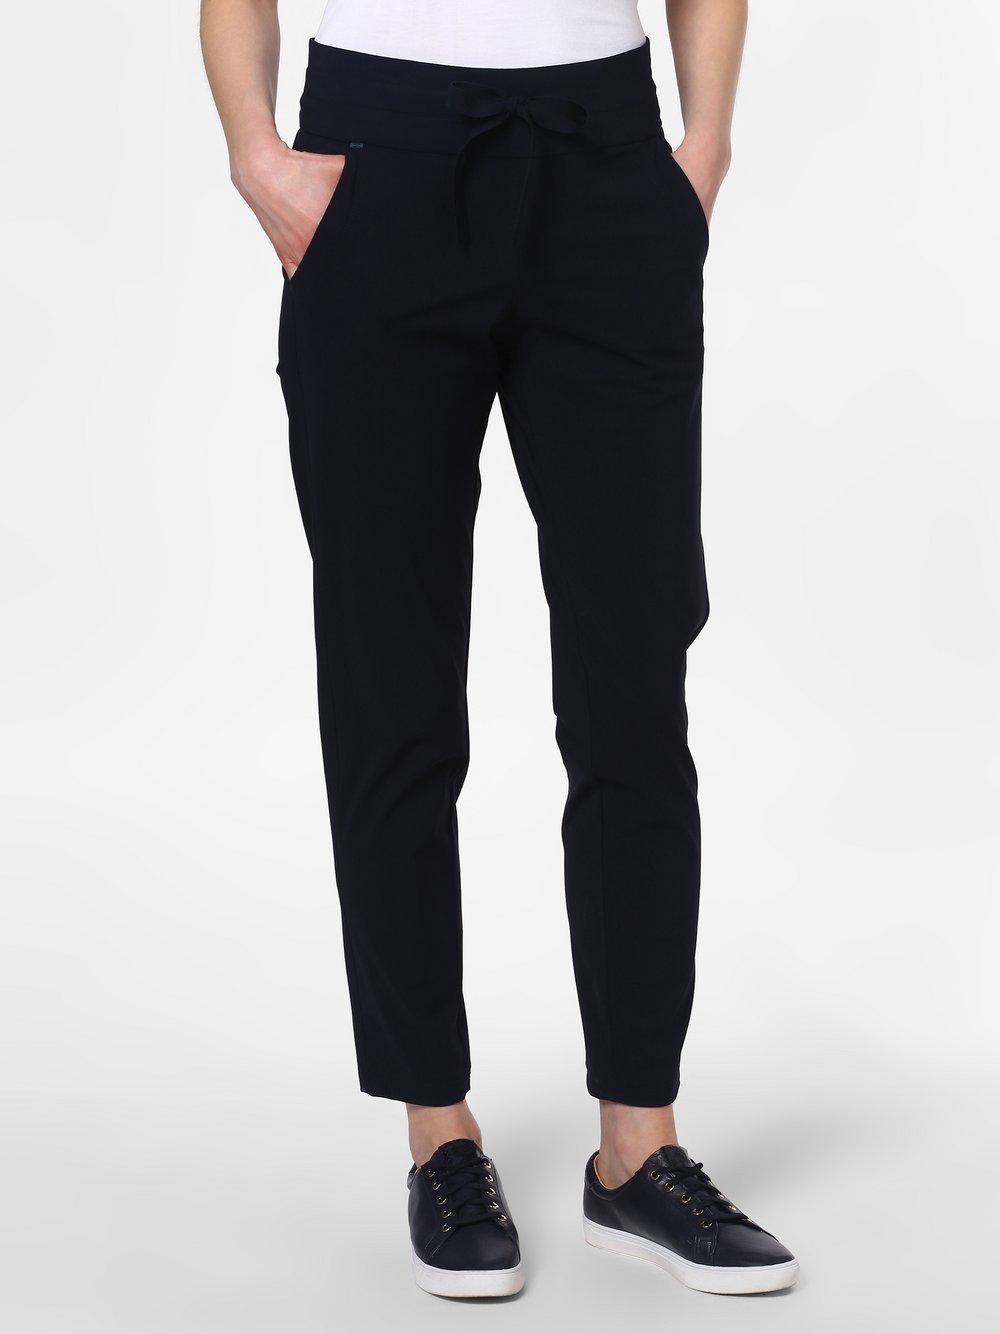 RAFFAELLO ROSSI – Spodnie damskie – łatwe w prasowaniu – Cynthia, czarny Van Graaf 466437-0001